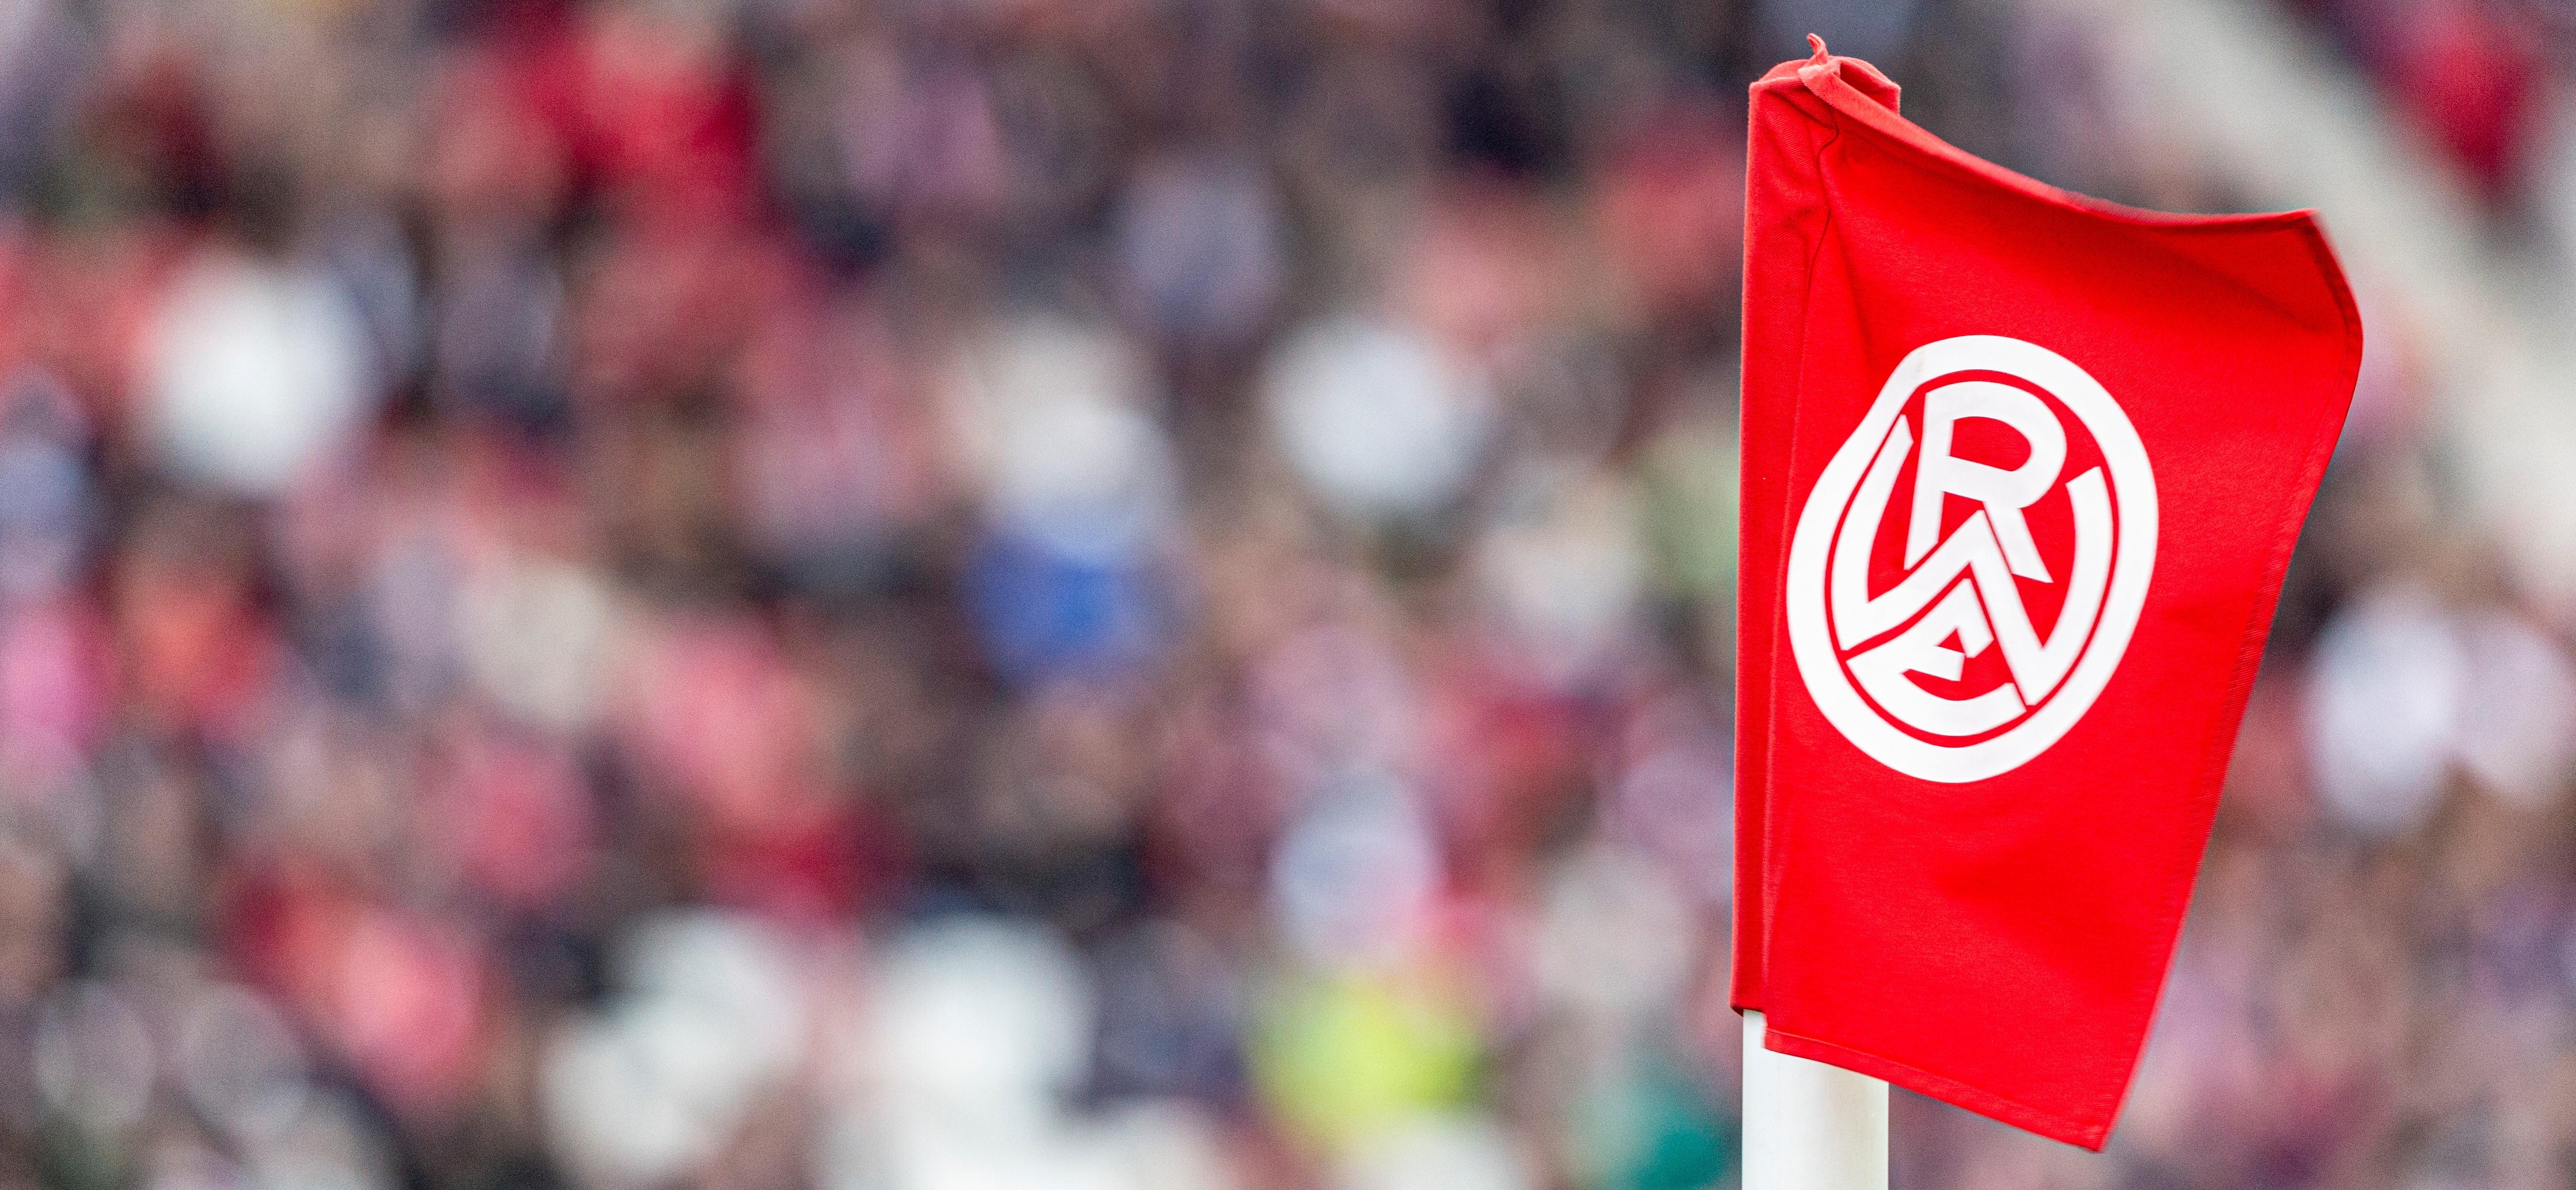 Sowohl RWE-Dauerkarteninhaber als auch Einzelkäufer des Livestreams werden für den Ausfall gegen Rot Weiss Ahlen entschädigt.